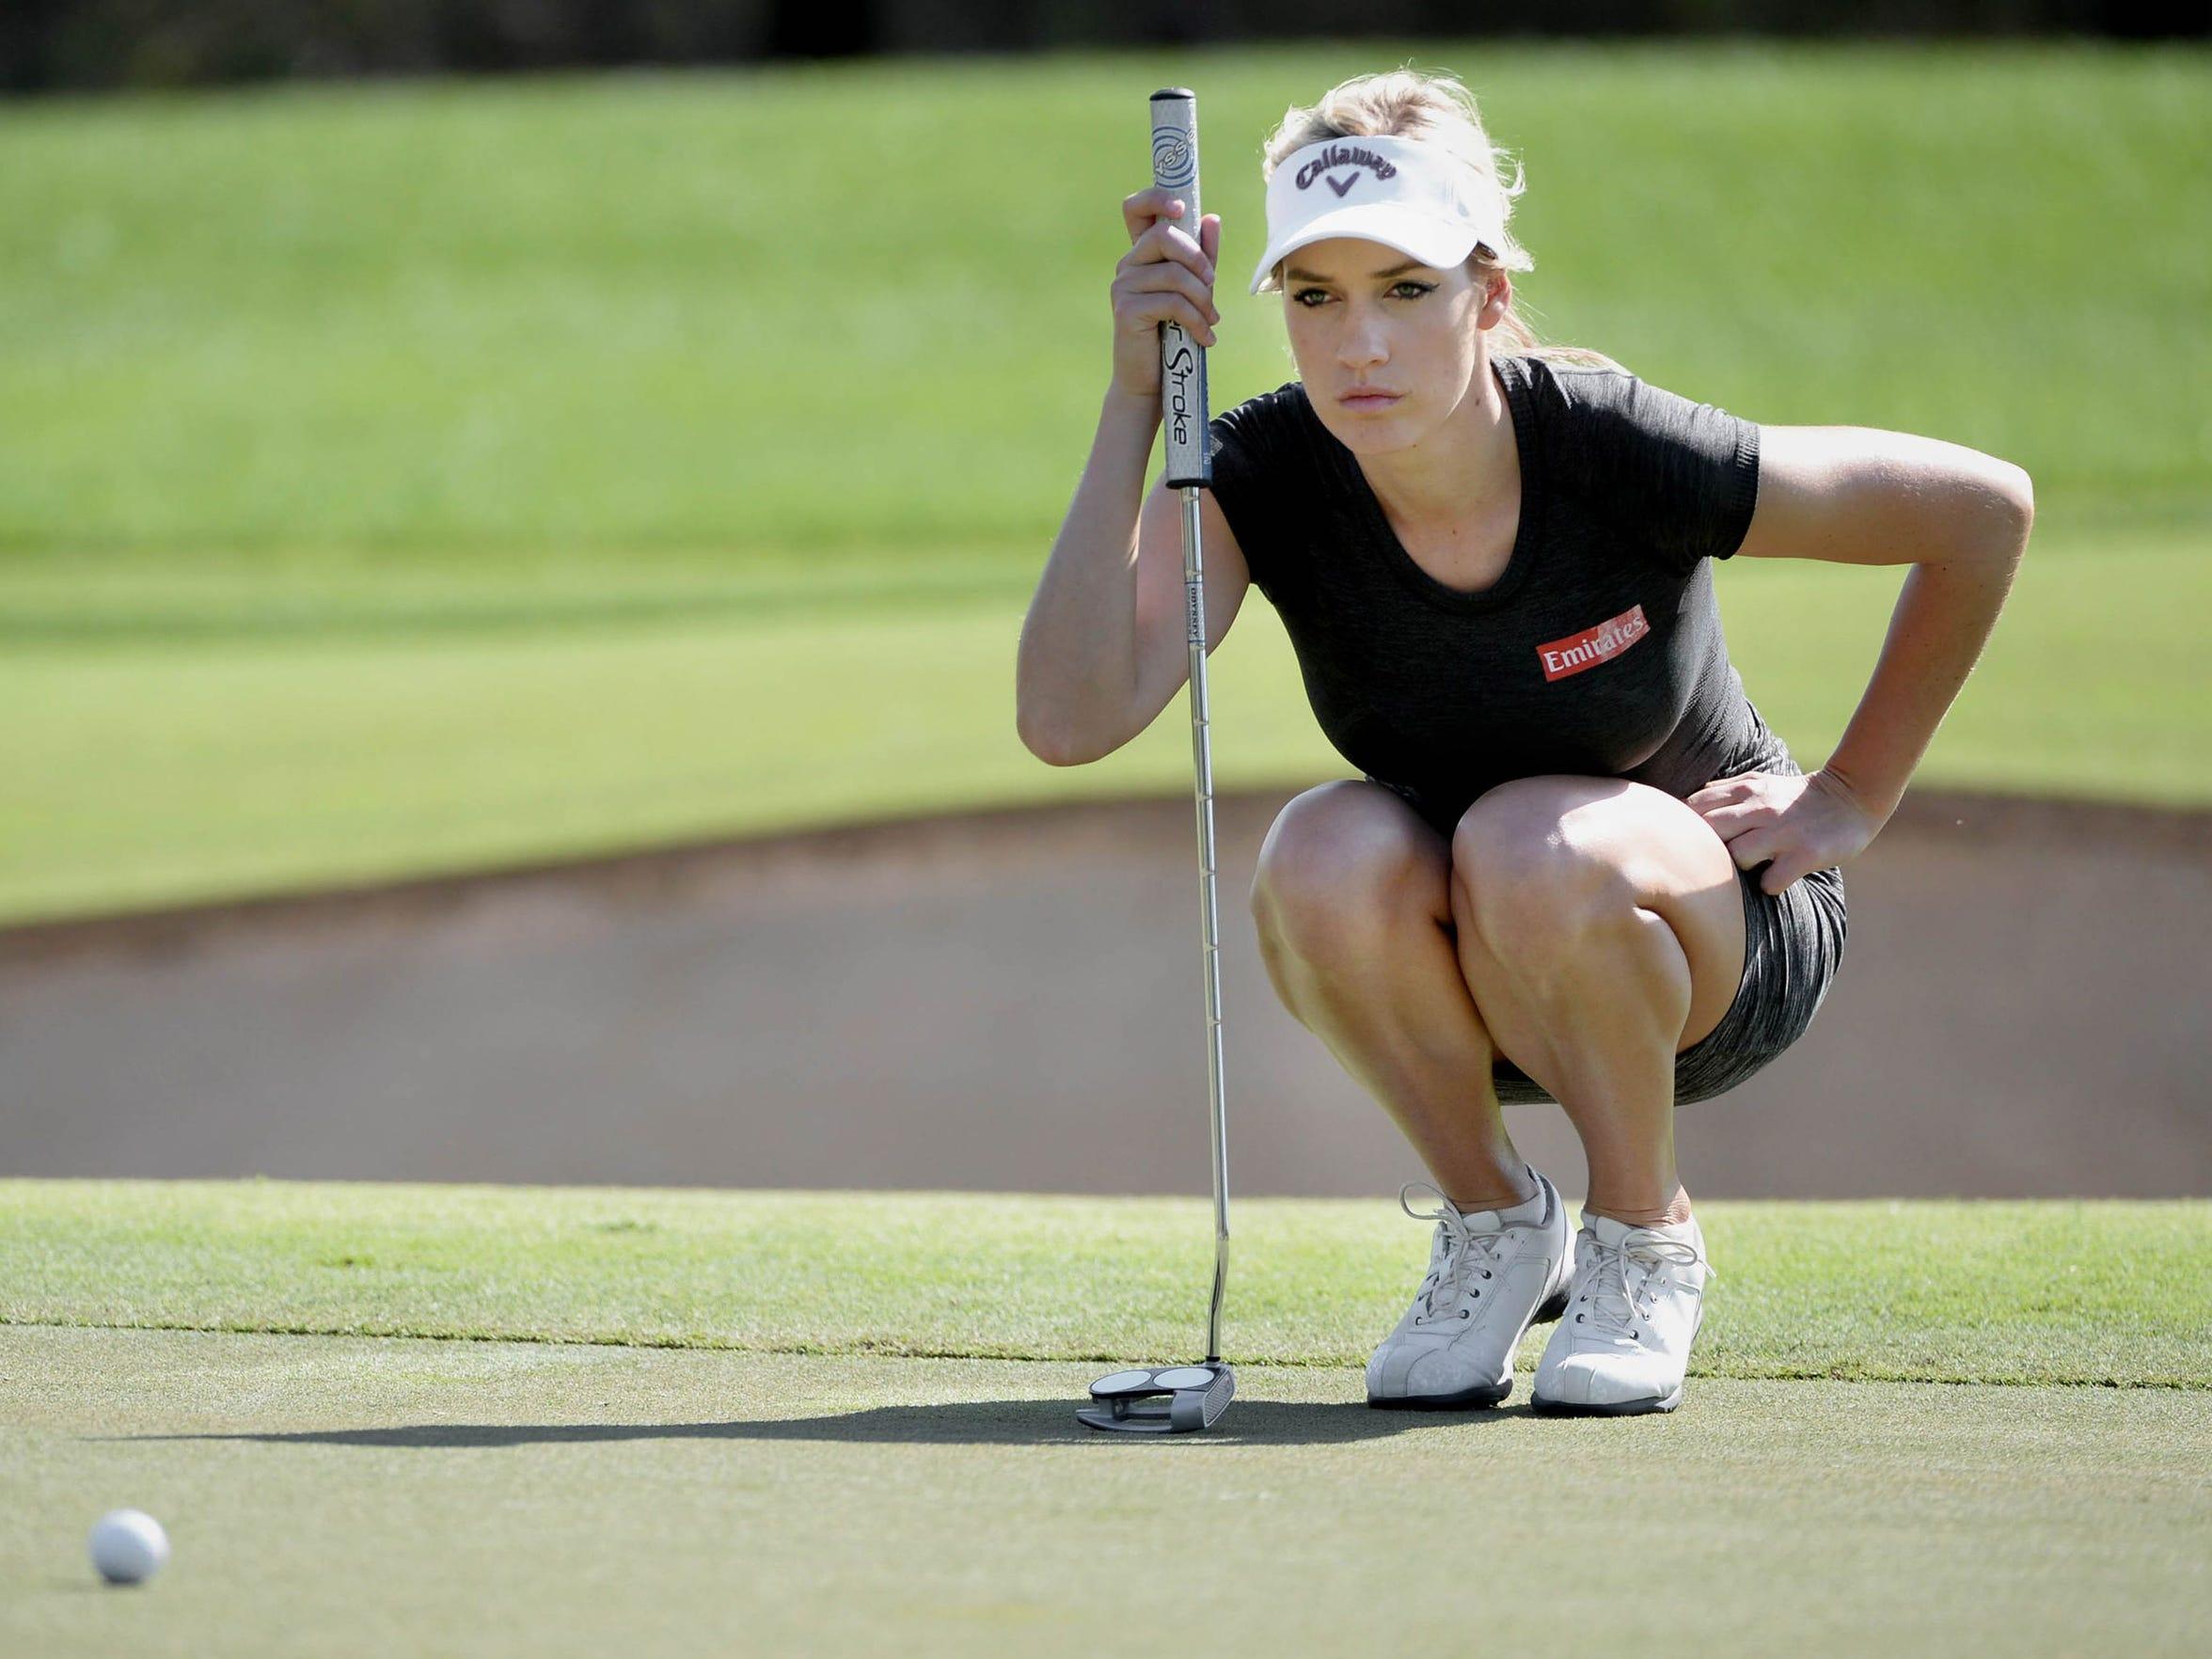 Paige Spiranac golfing